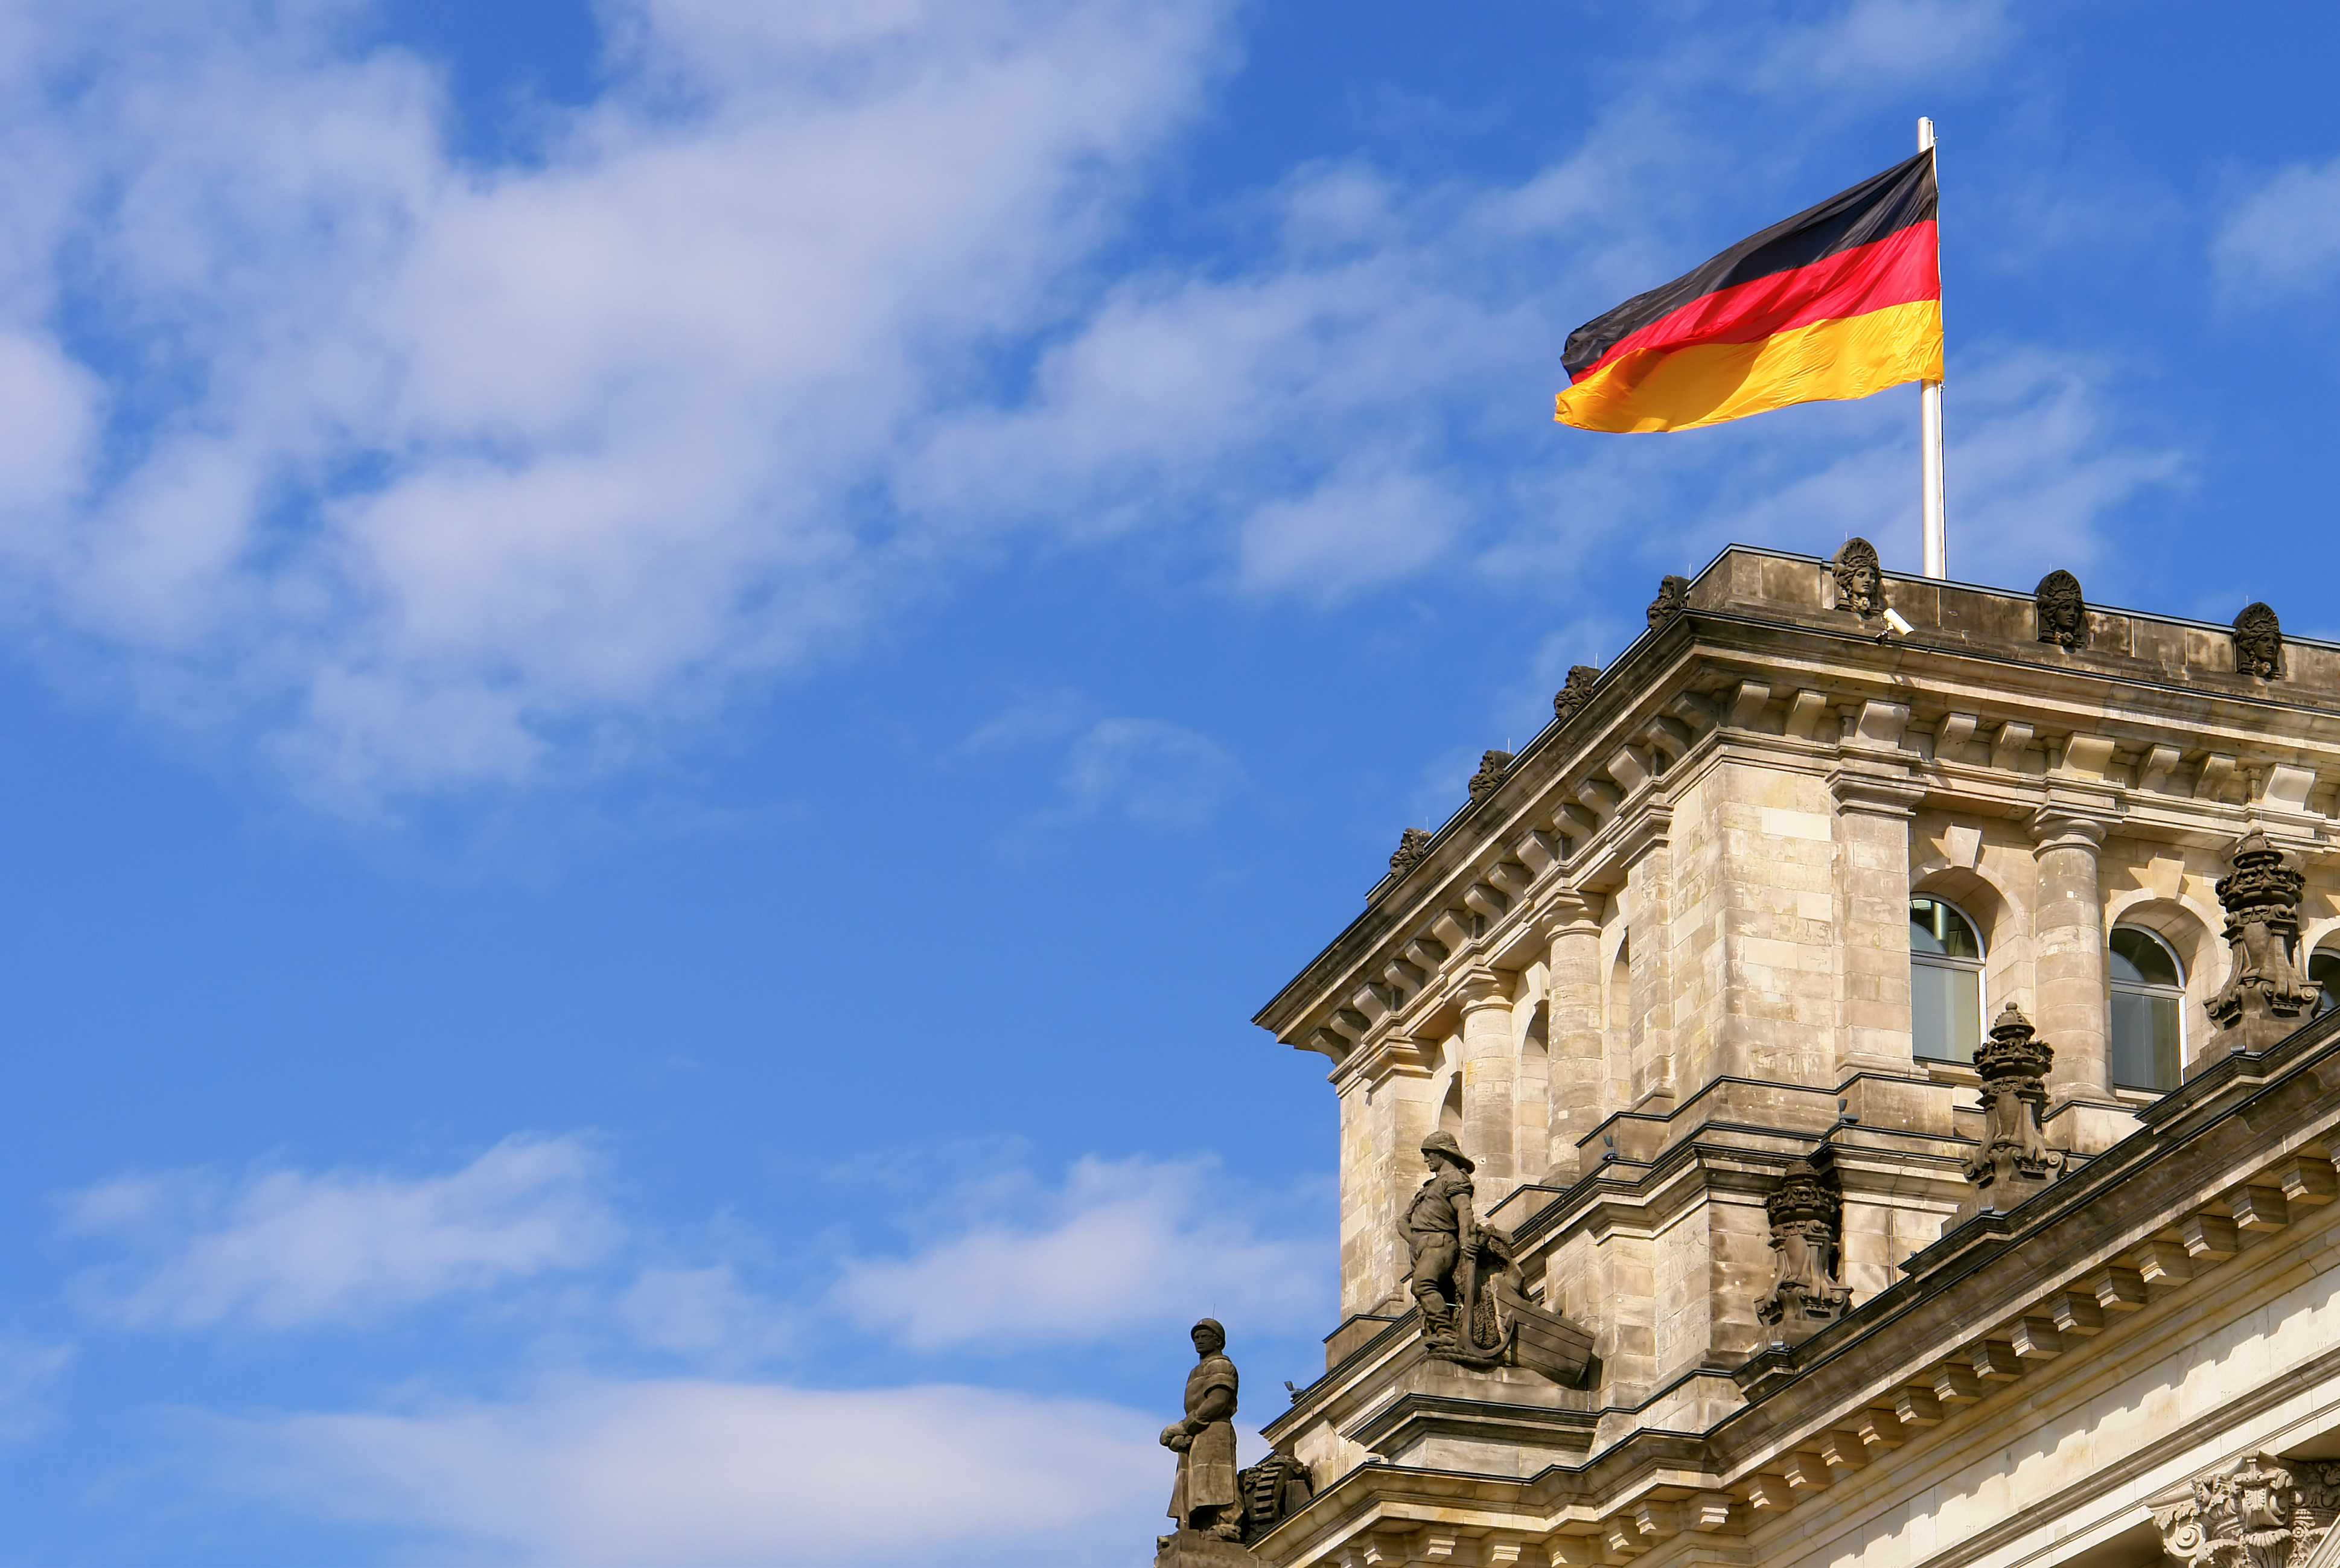 МИД Германии отклонил инициативу России о моратории на РСМД в Европе